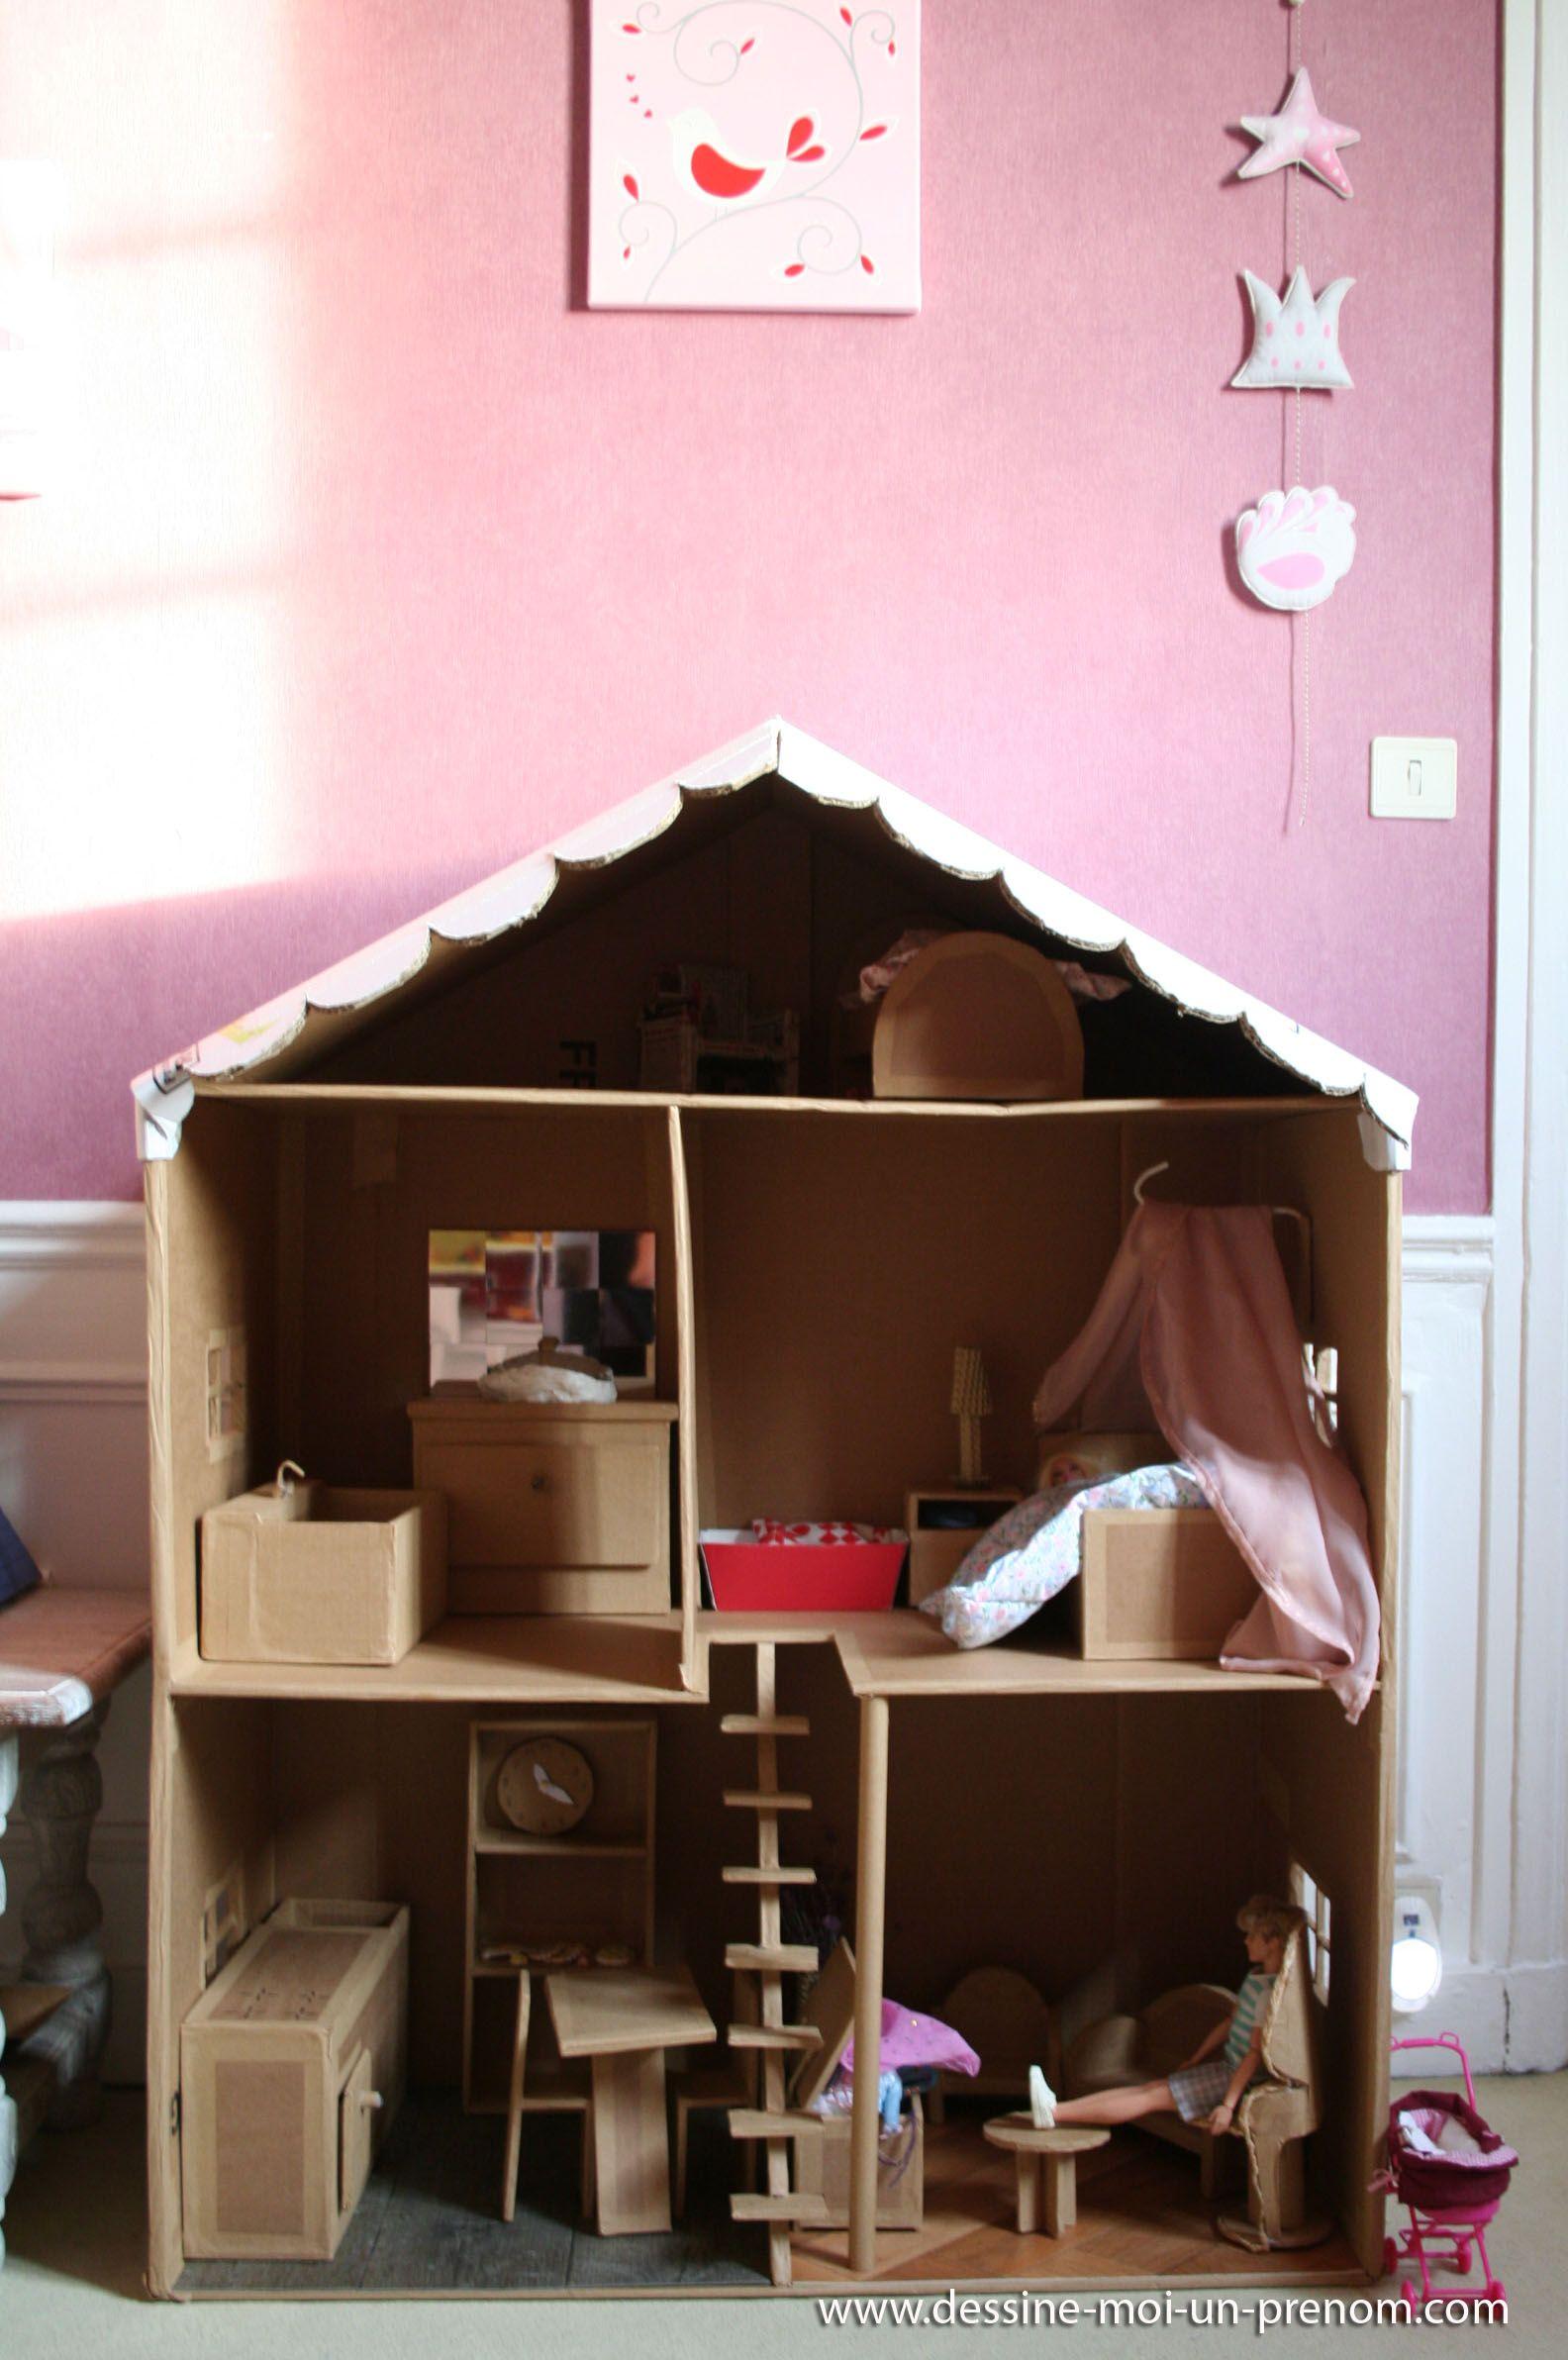 jeux pour creer sa maison good dsc with jeux pour creer sa maison top minecraft tuto comment. Black Bedroom Furniture Sets. Home Design Ideas